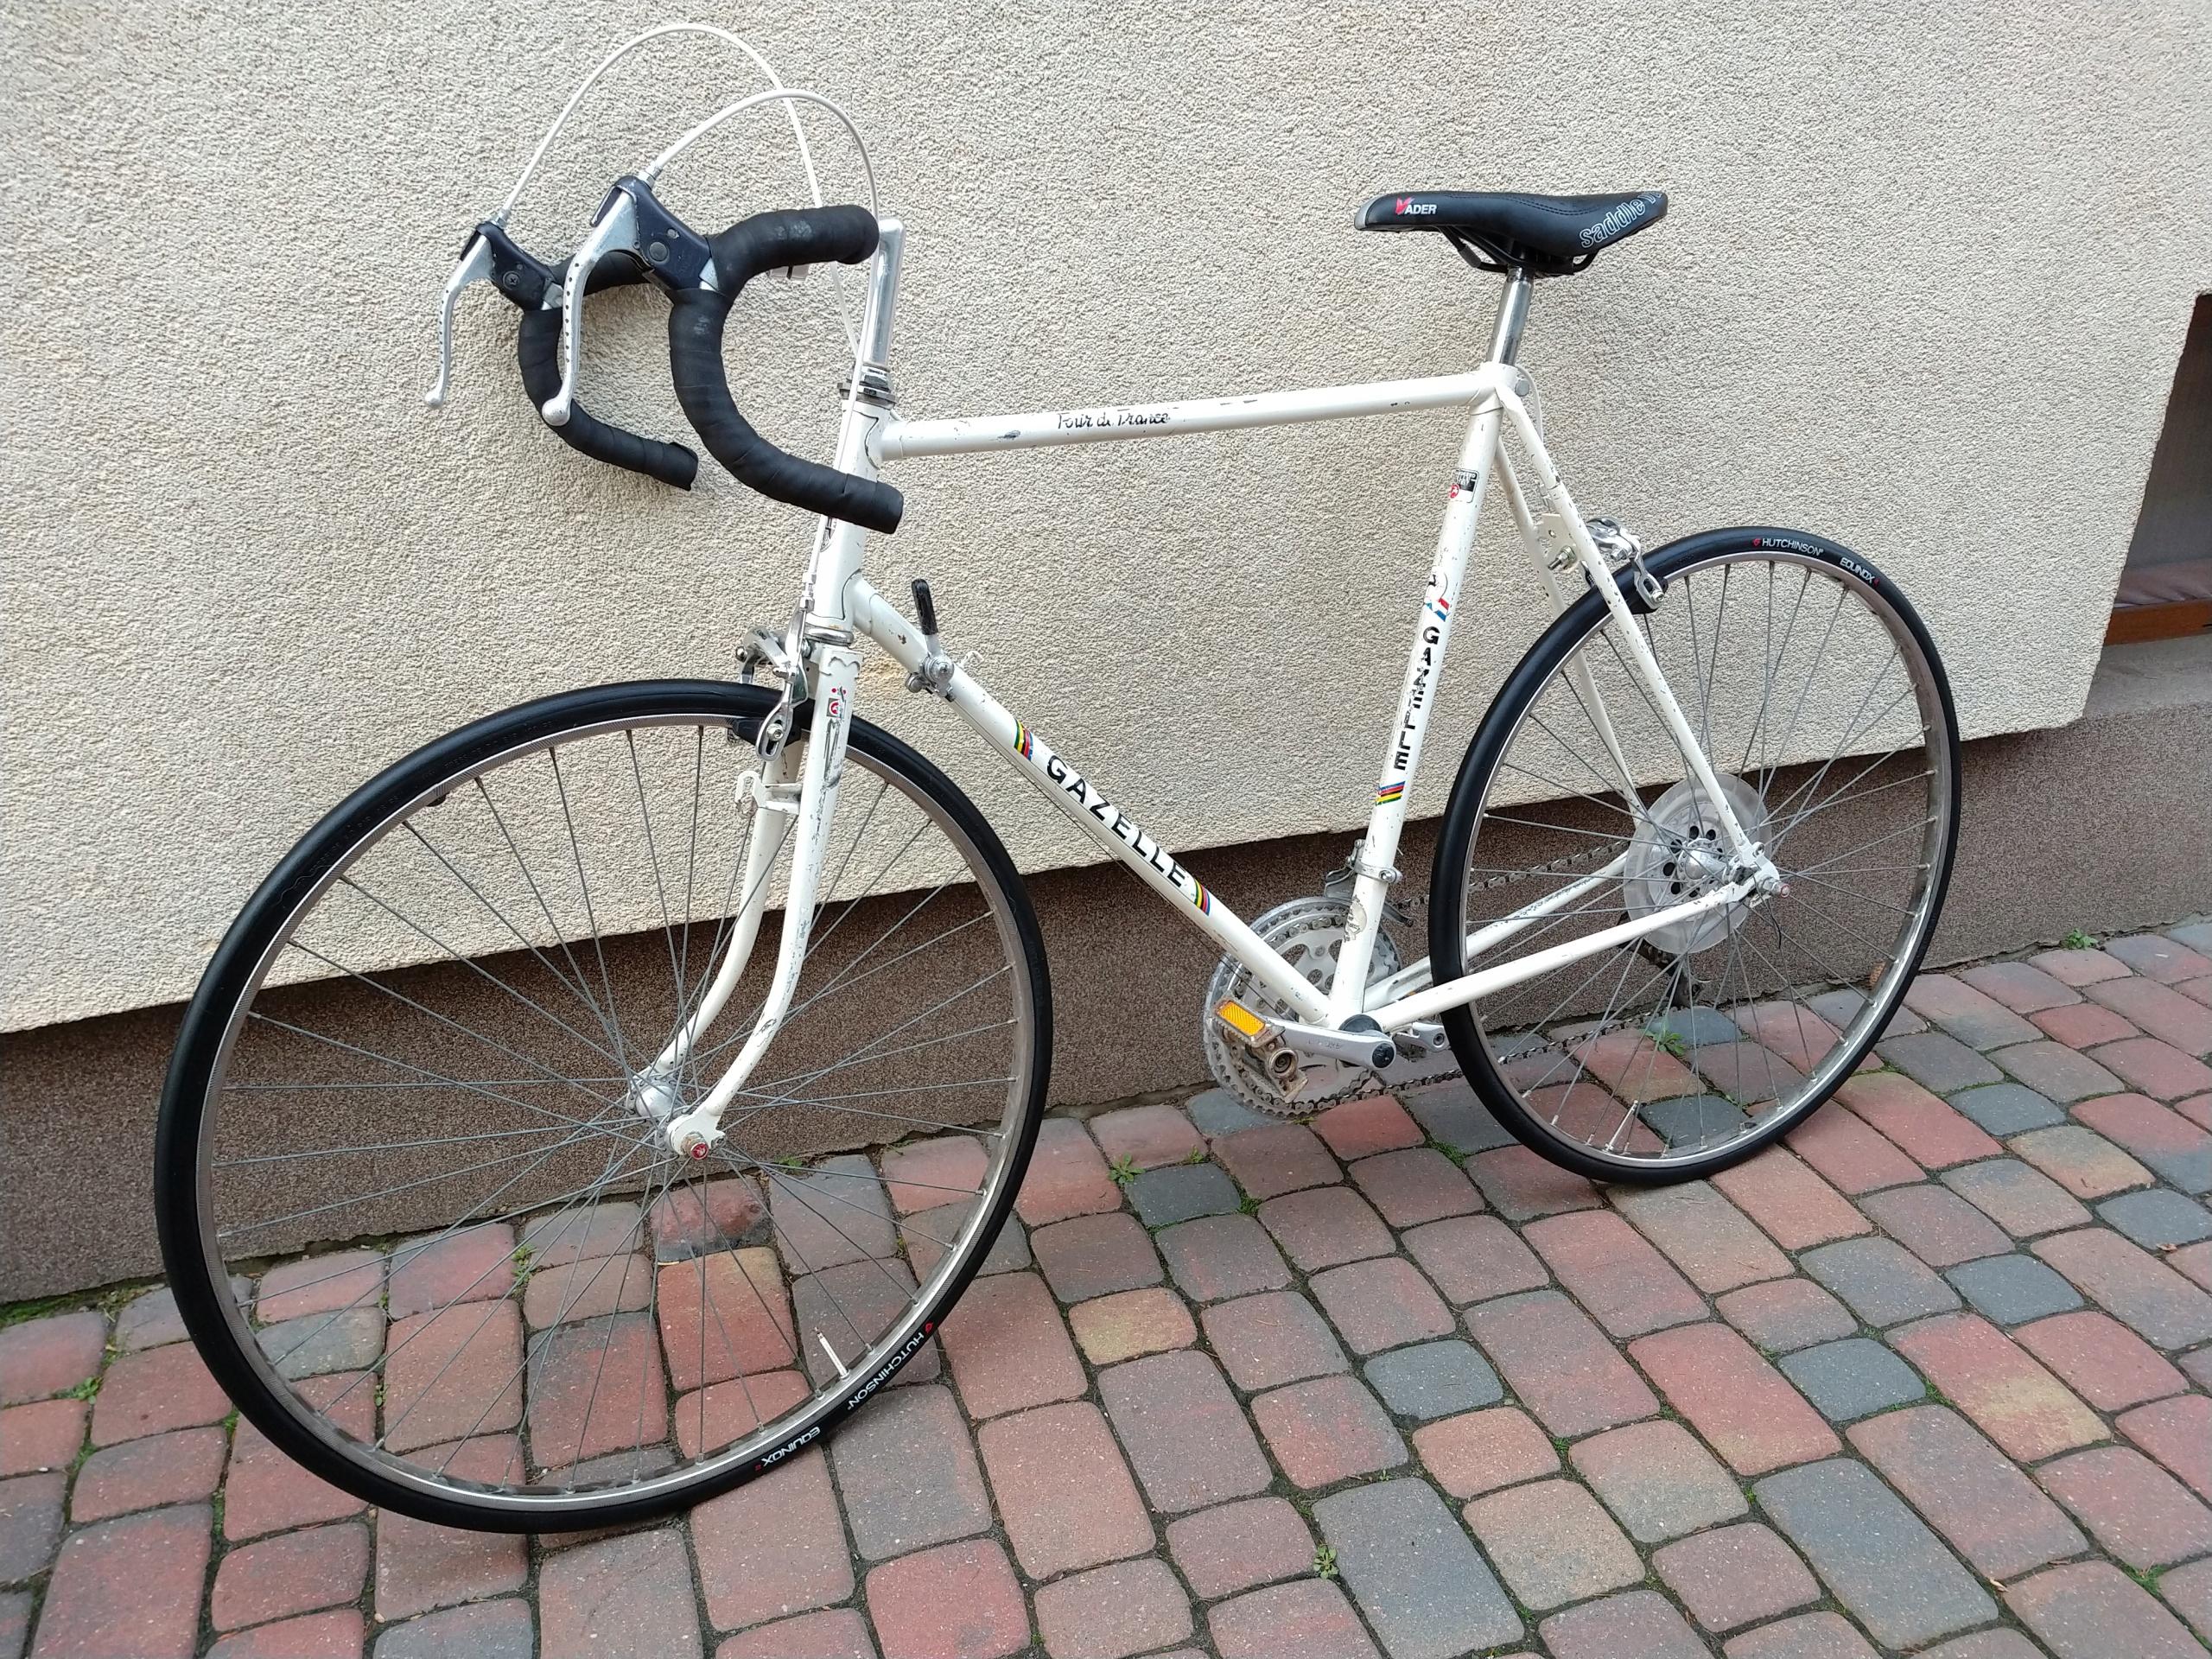 Gazelle Tour De France 58,5cm dużo nowych części